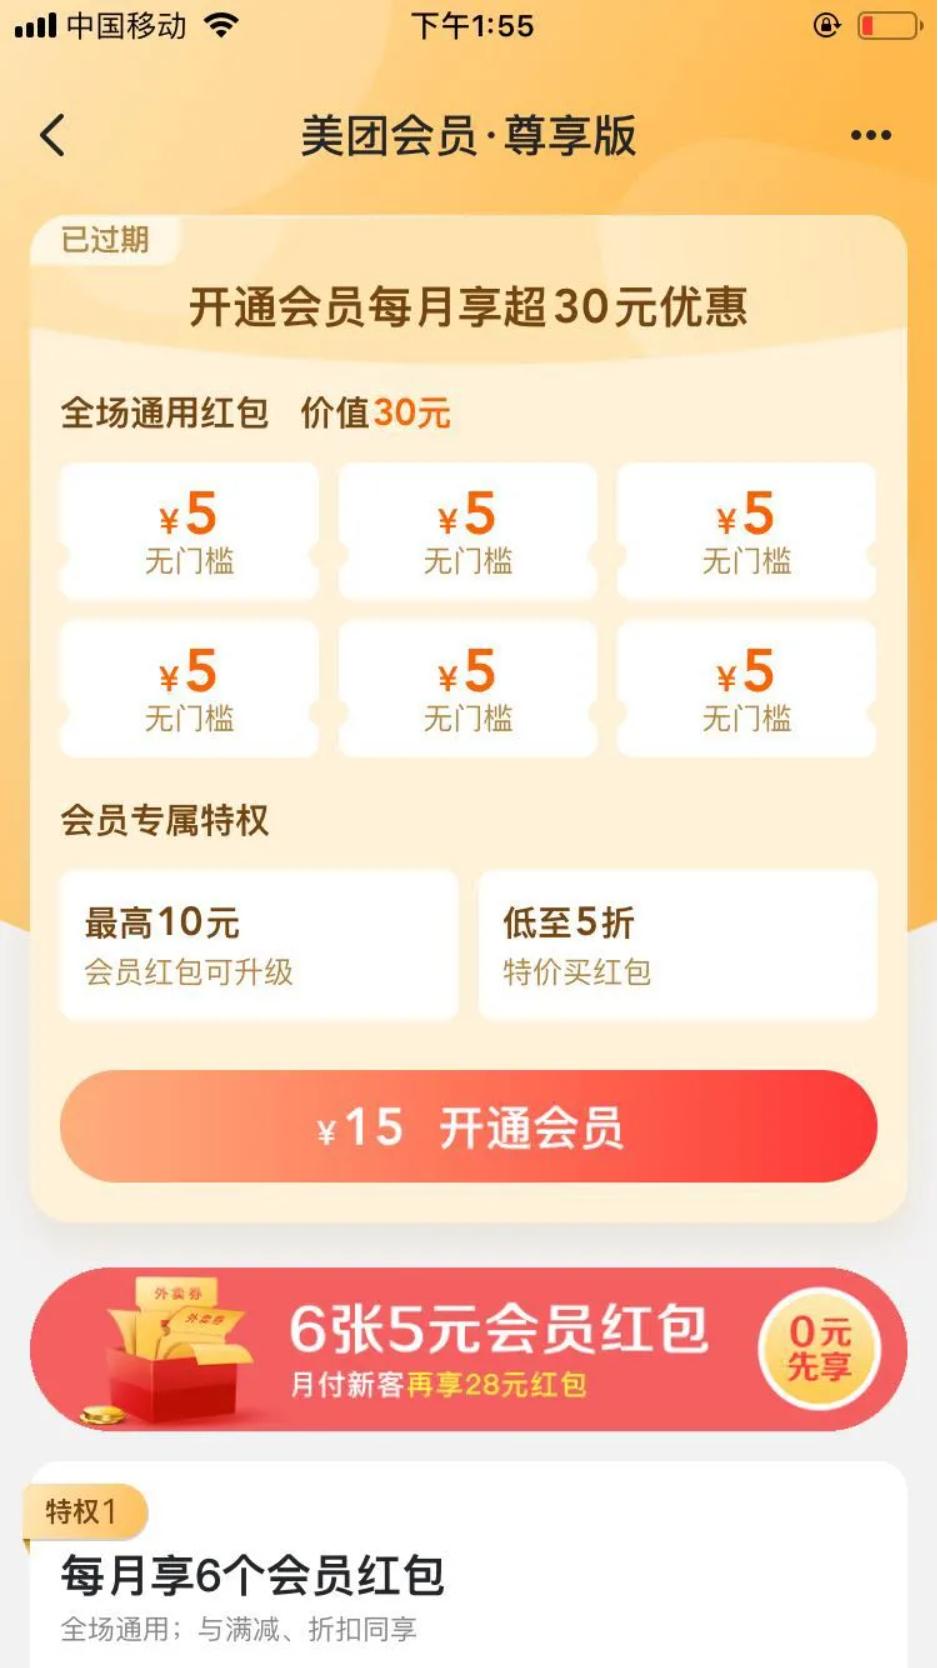 美团外卖红包这样买便宜,还能分享赚钱(会员8.8元一个月)